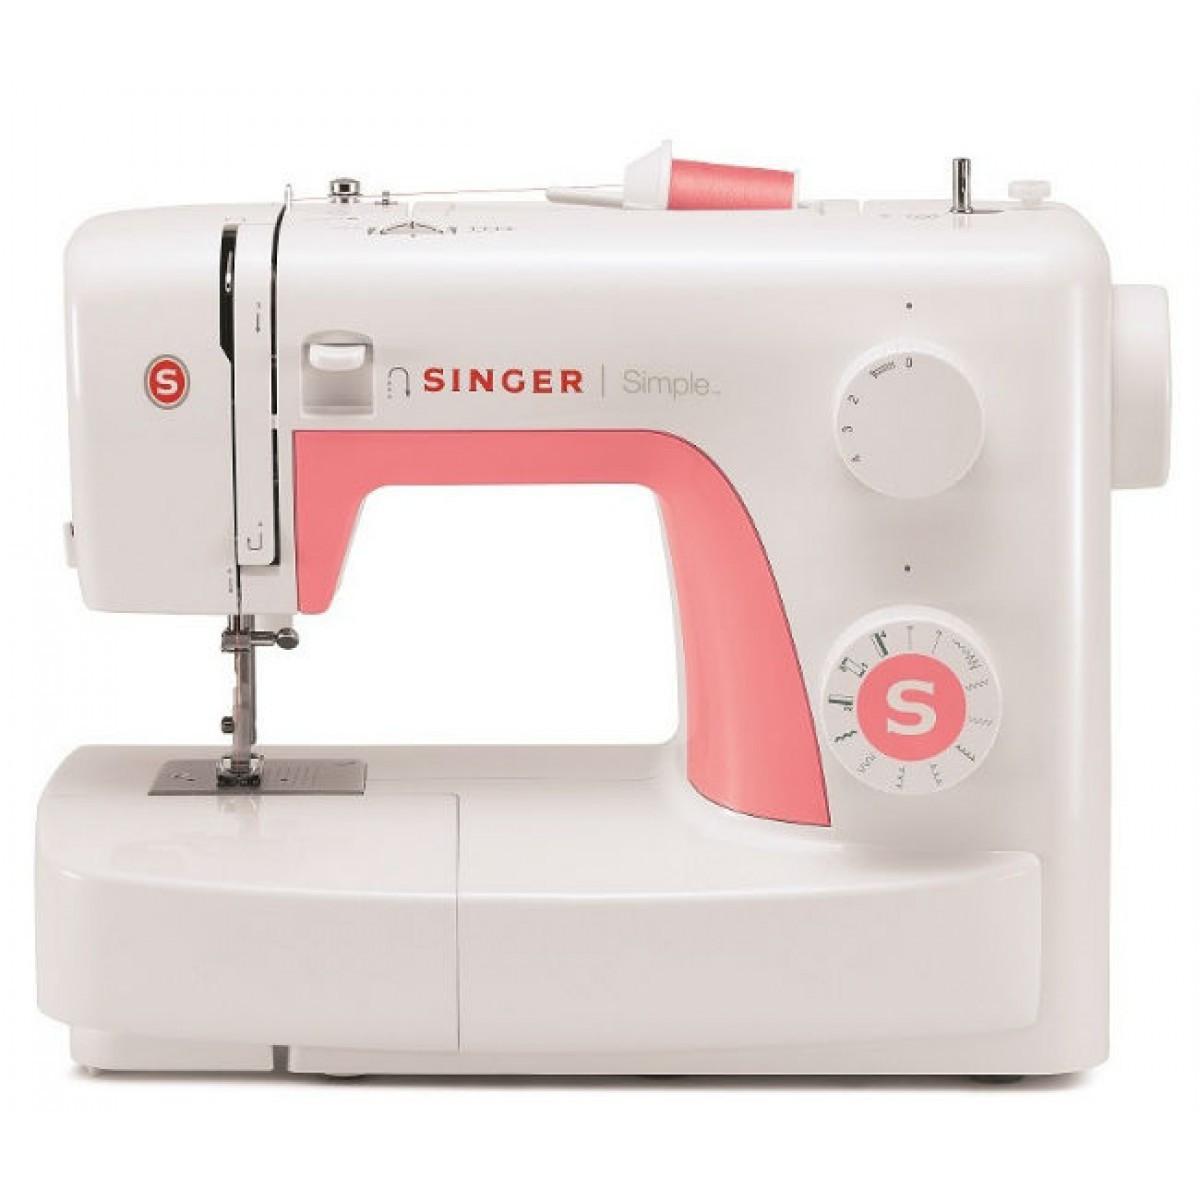 Õmblusmasin Singer Simple 3210